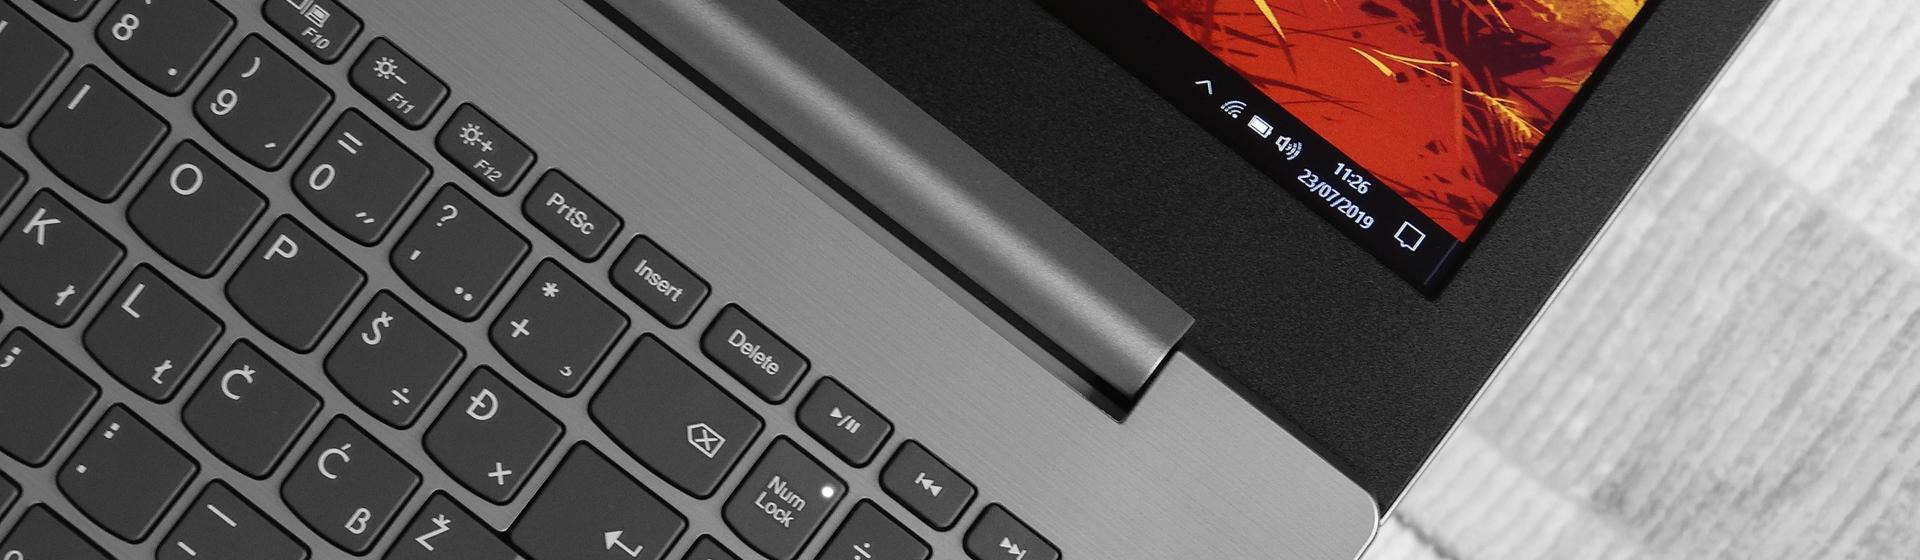 Notebooks mais vendidos em agosto de 2020: IdeaPad S145 domina ranking